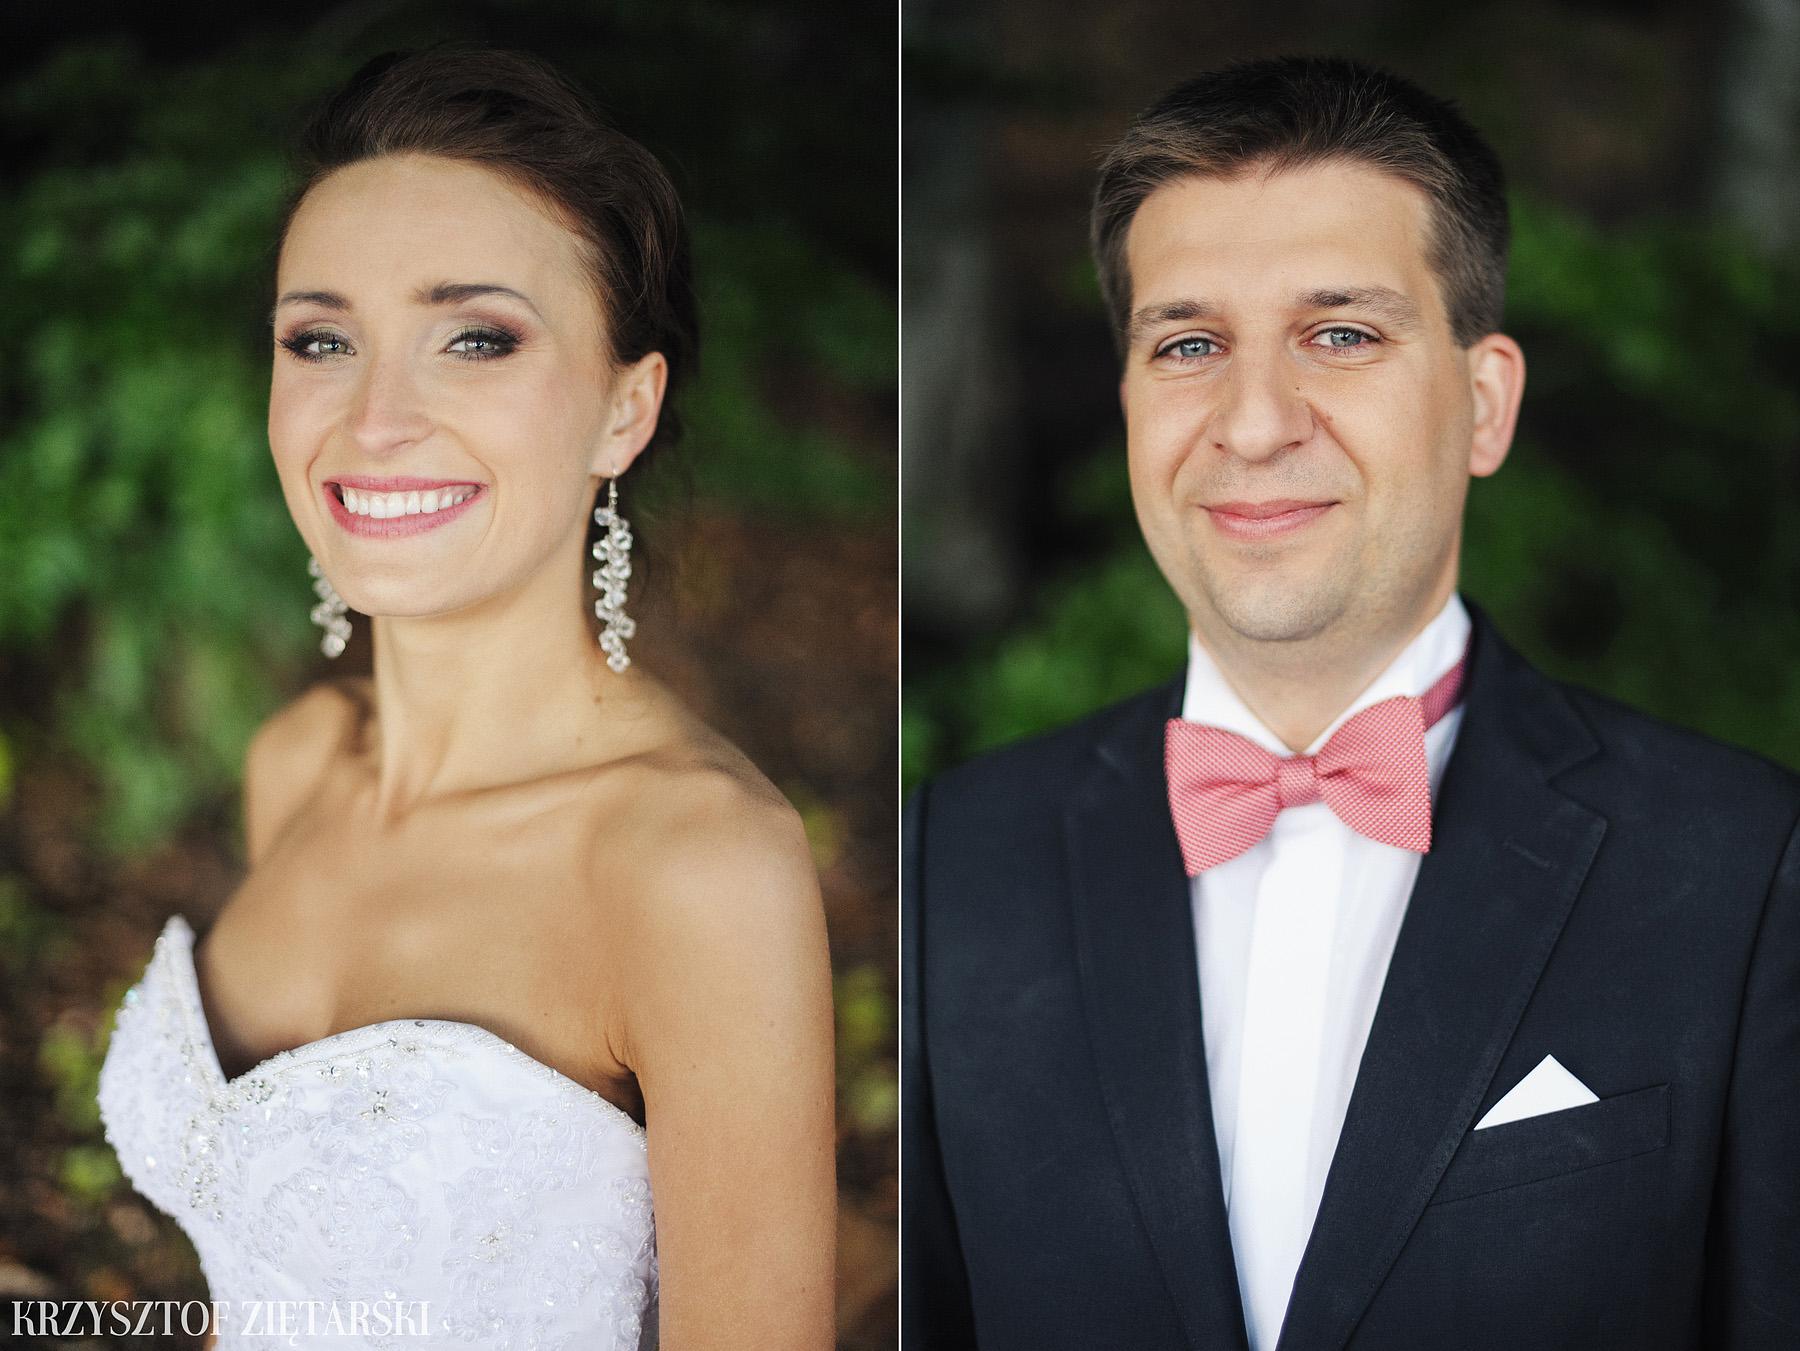 Karolina i Jacek - Fotografia ślubna Gdańsk, Chwaszczyno, Gościniec dla Przyjaciół Wyczechowo Hilary - 72.